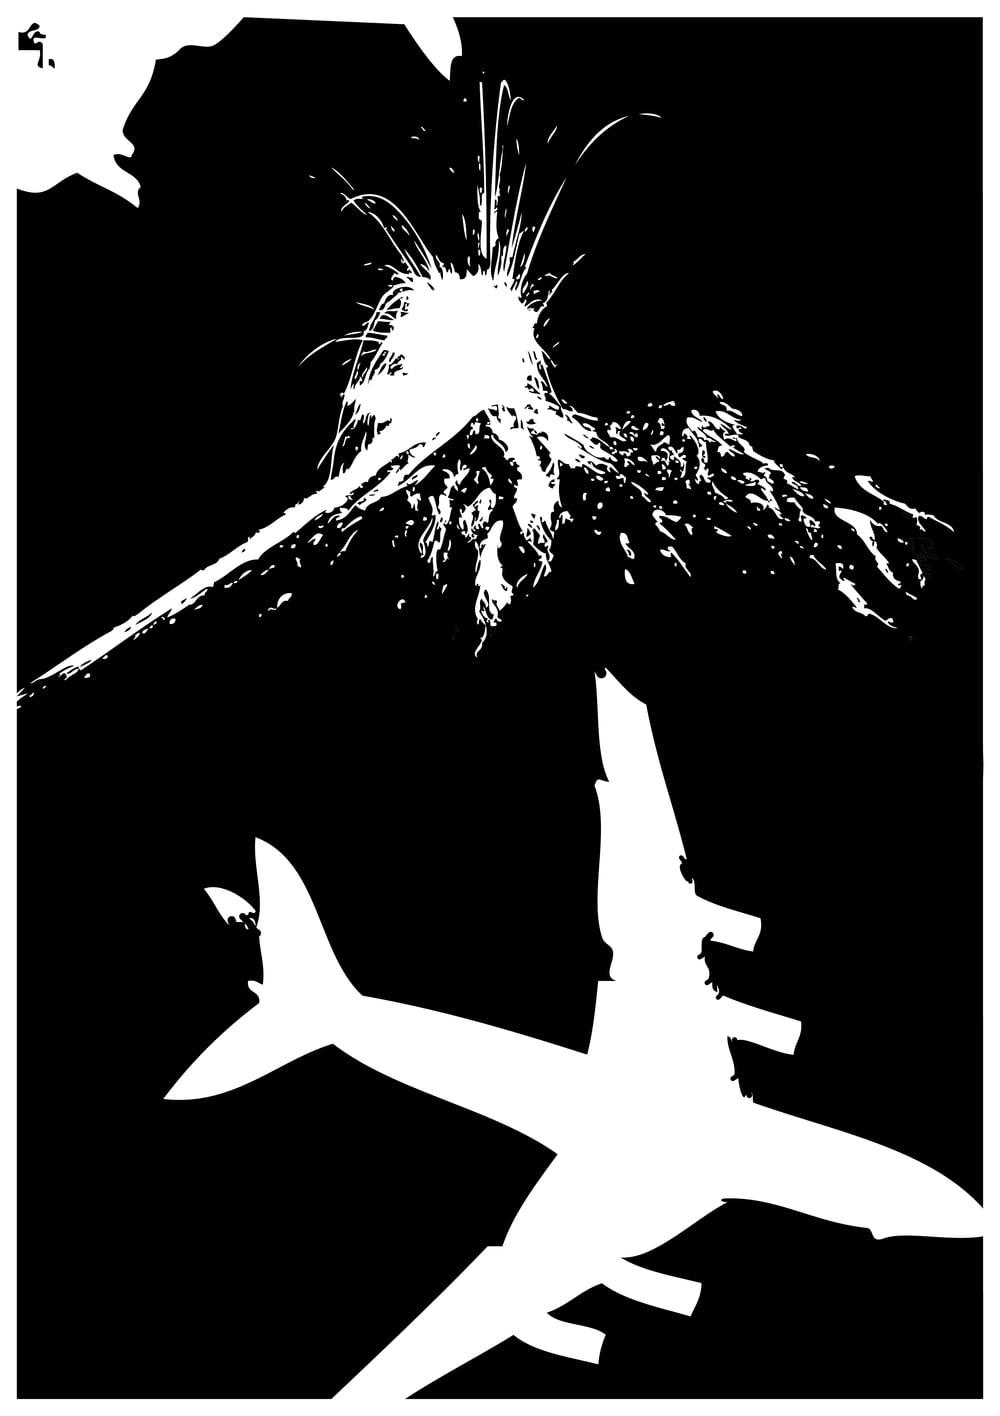 Wenn si fümf Stund im Flieger sitze und dä doch am Bode blybt,   Isch es dr Eyjafjallajökull wo si Äschespiili drybt.   Au dr Gass foot afo brodle und klopft wietig uff e Disch,   Ä heigi gmergt dass dä Vulkan nit Fümoar-Mitglied isch.